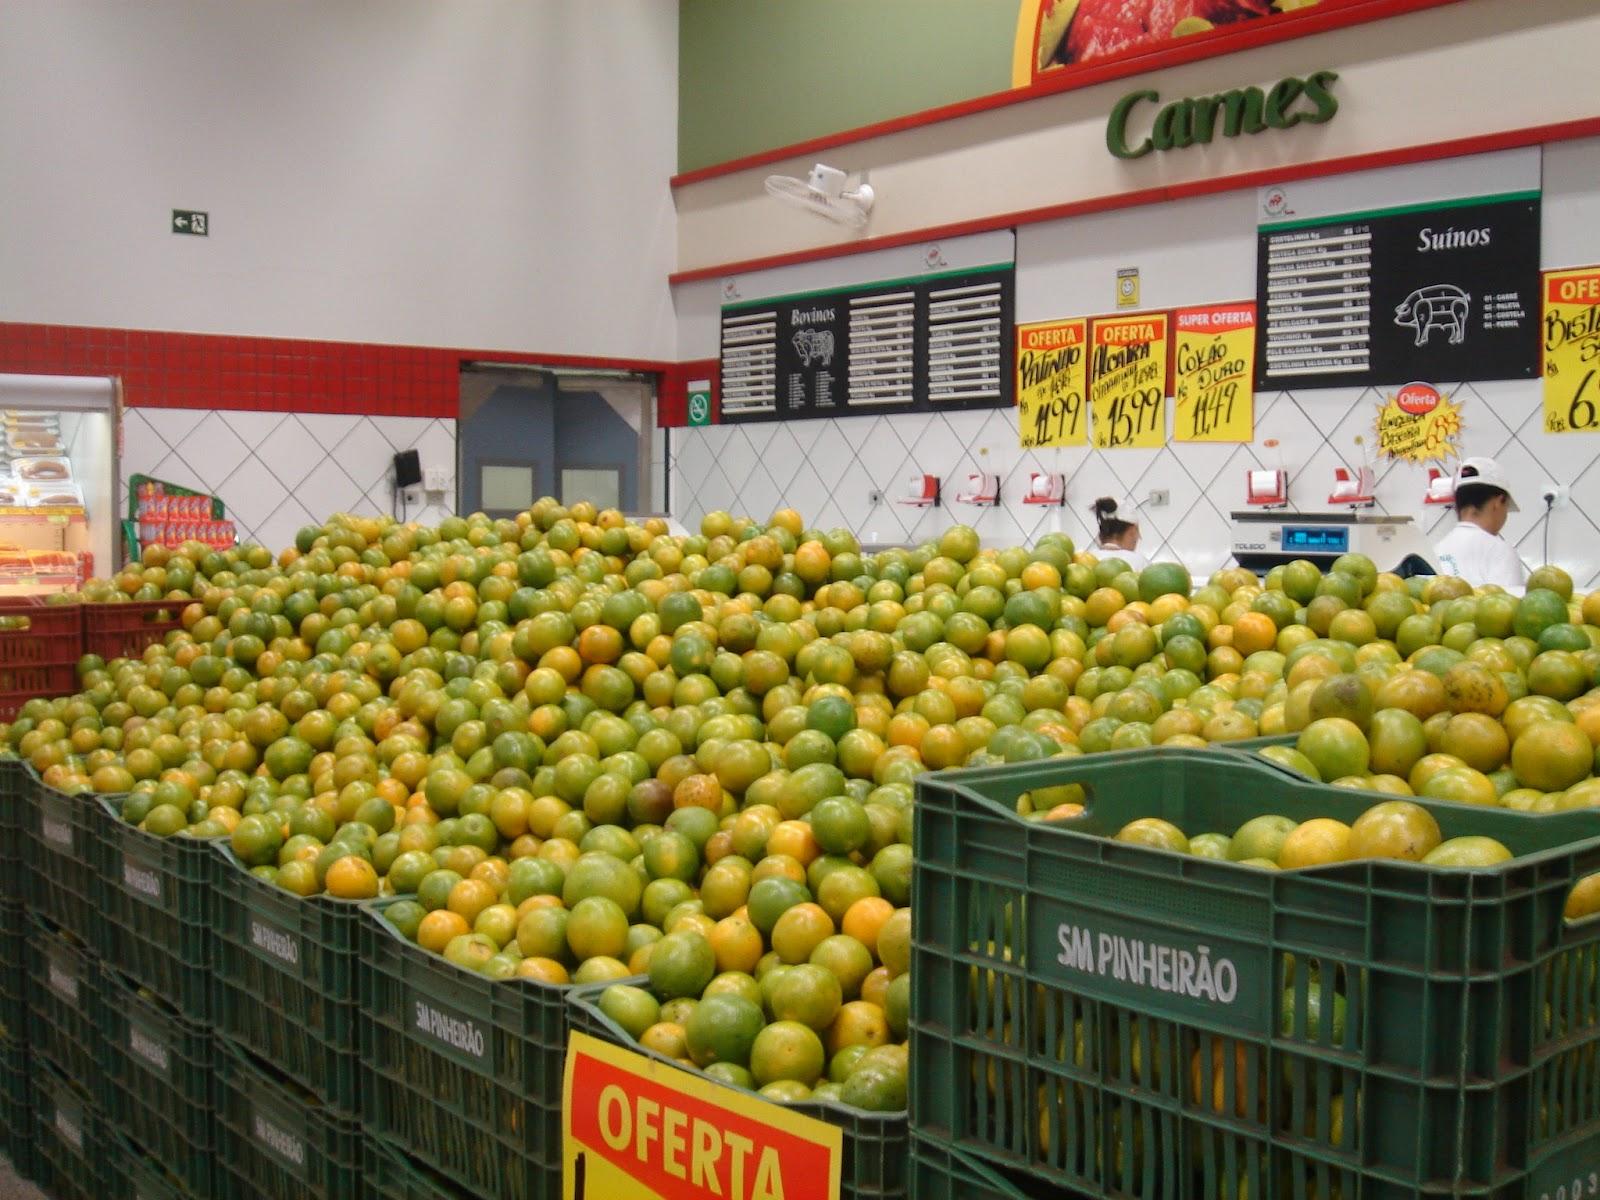 Pesquisa em supermercados de Fortaleza mostra variação de mais de 700% no preço da laranja